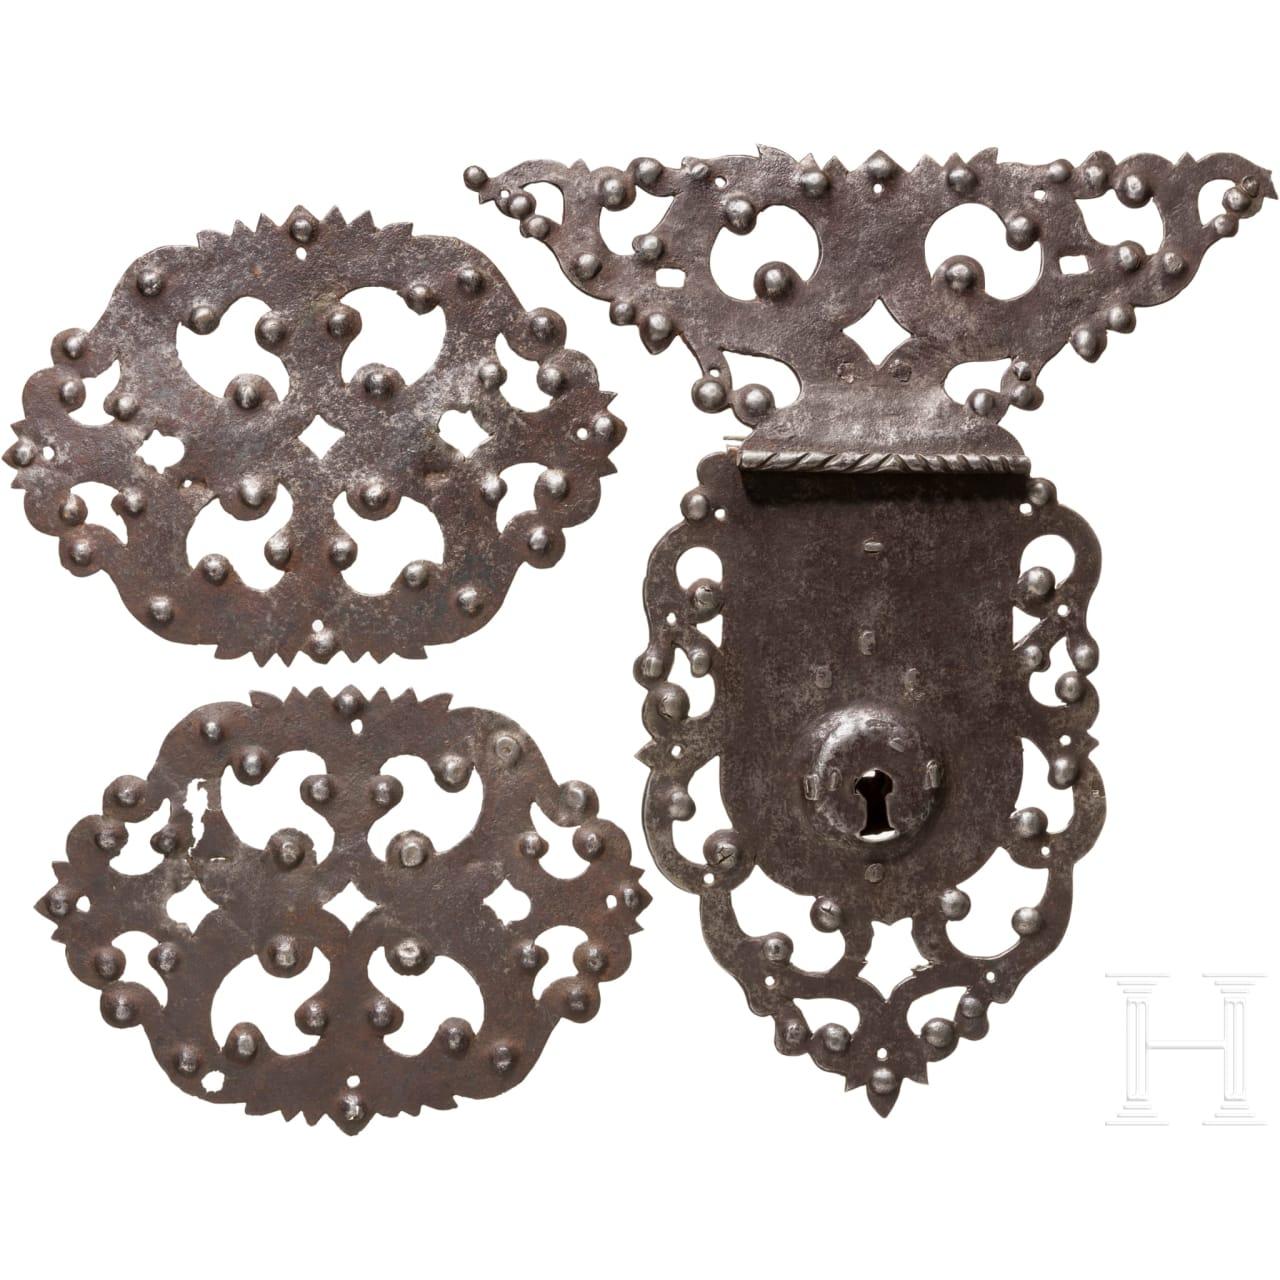 Truhenschloss und zwei Beschläge, norddeutsch, um 1700